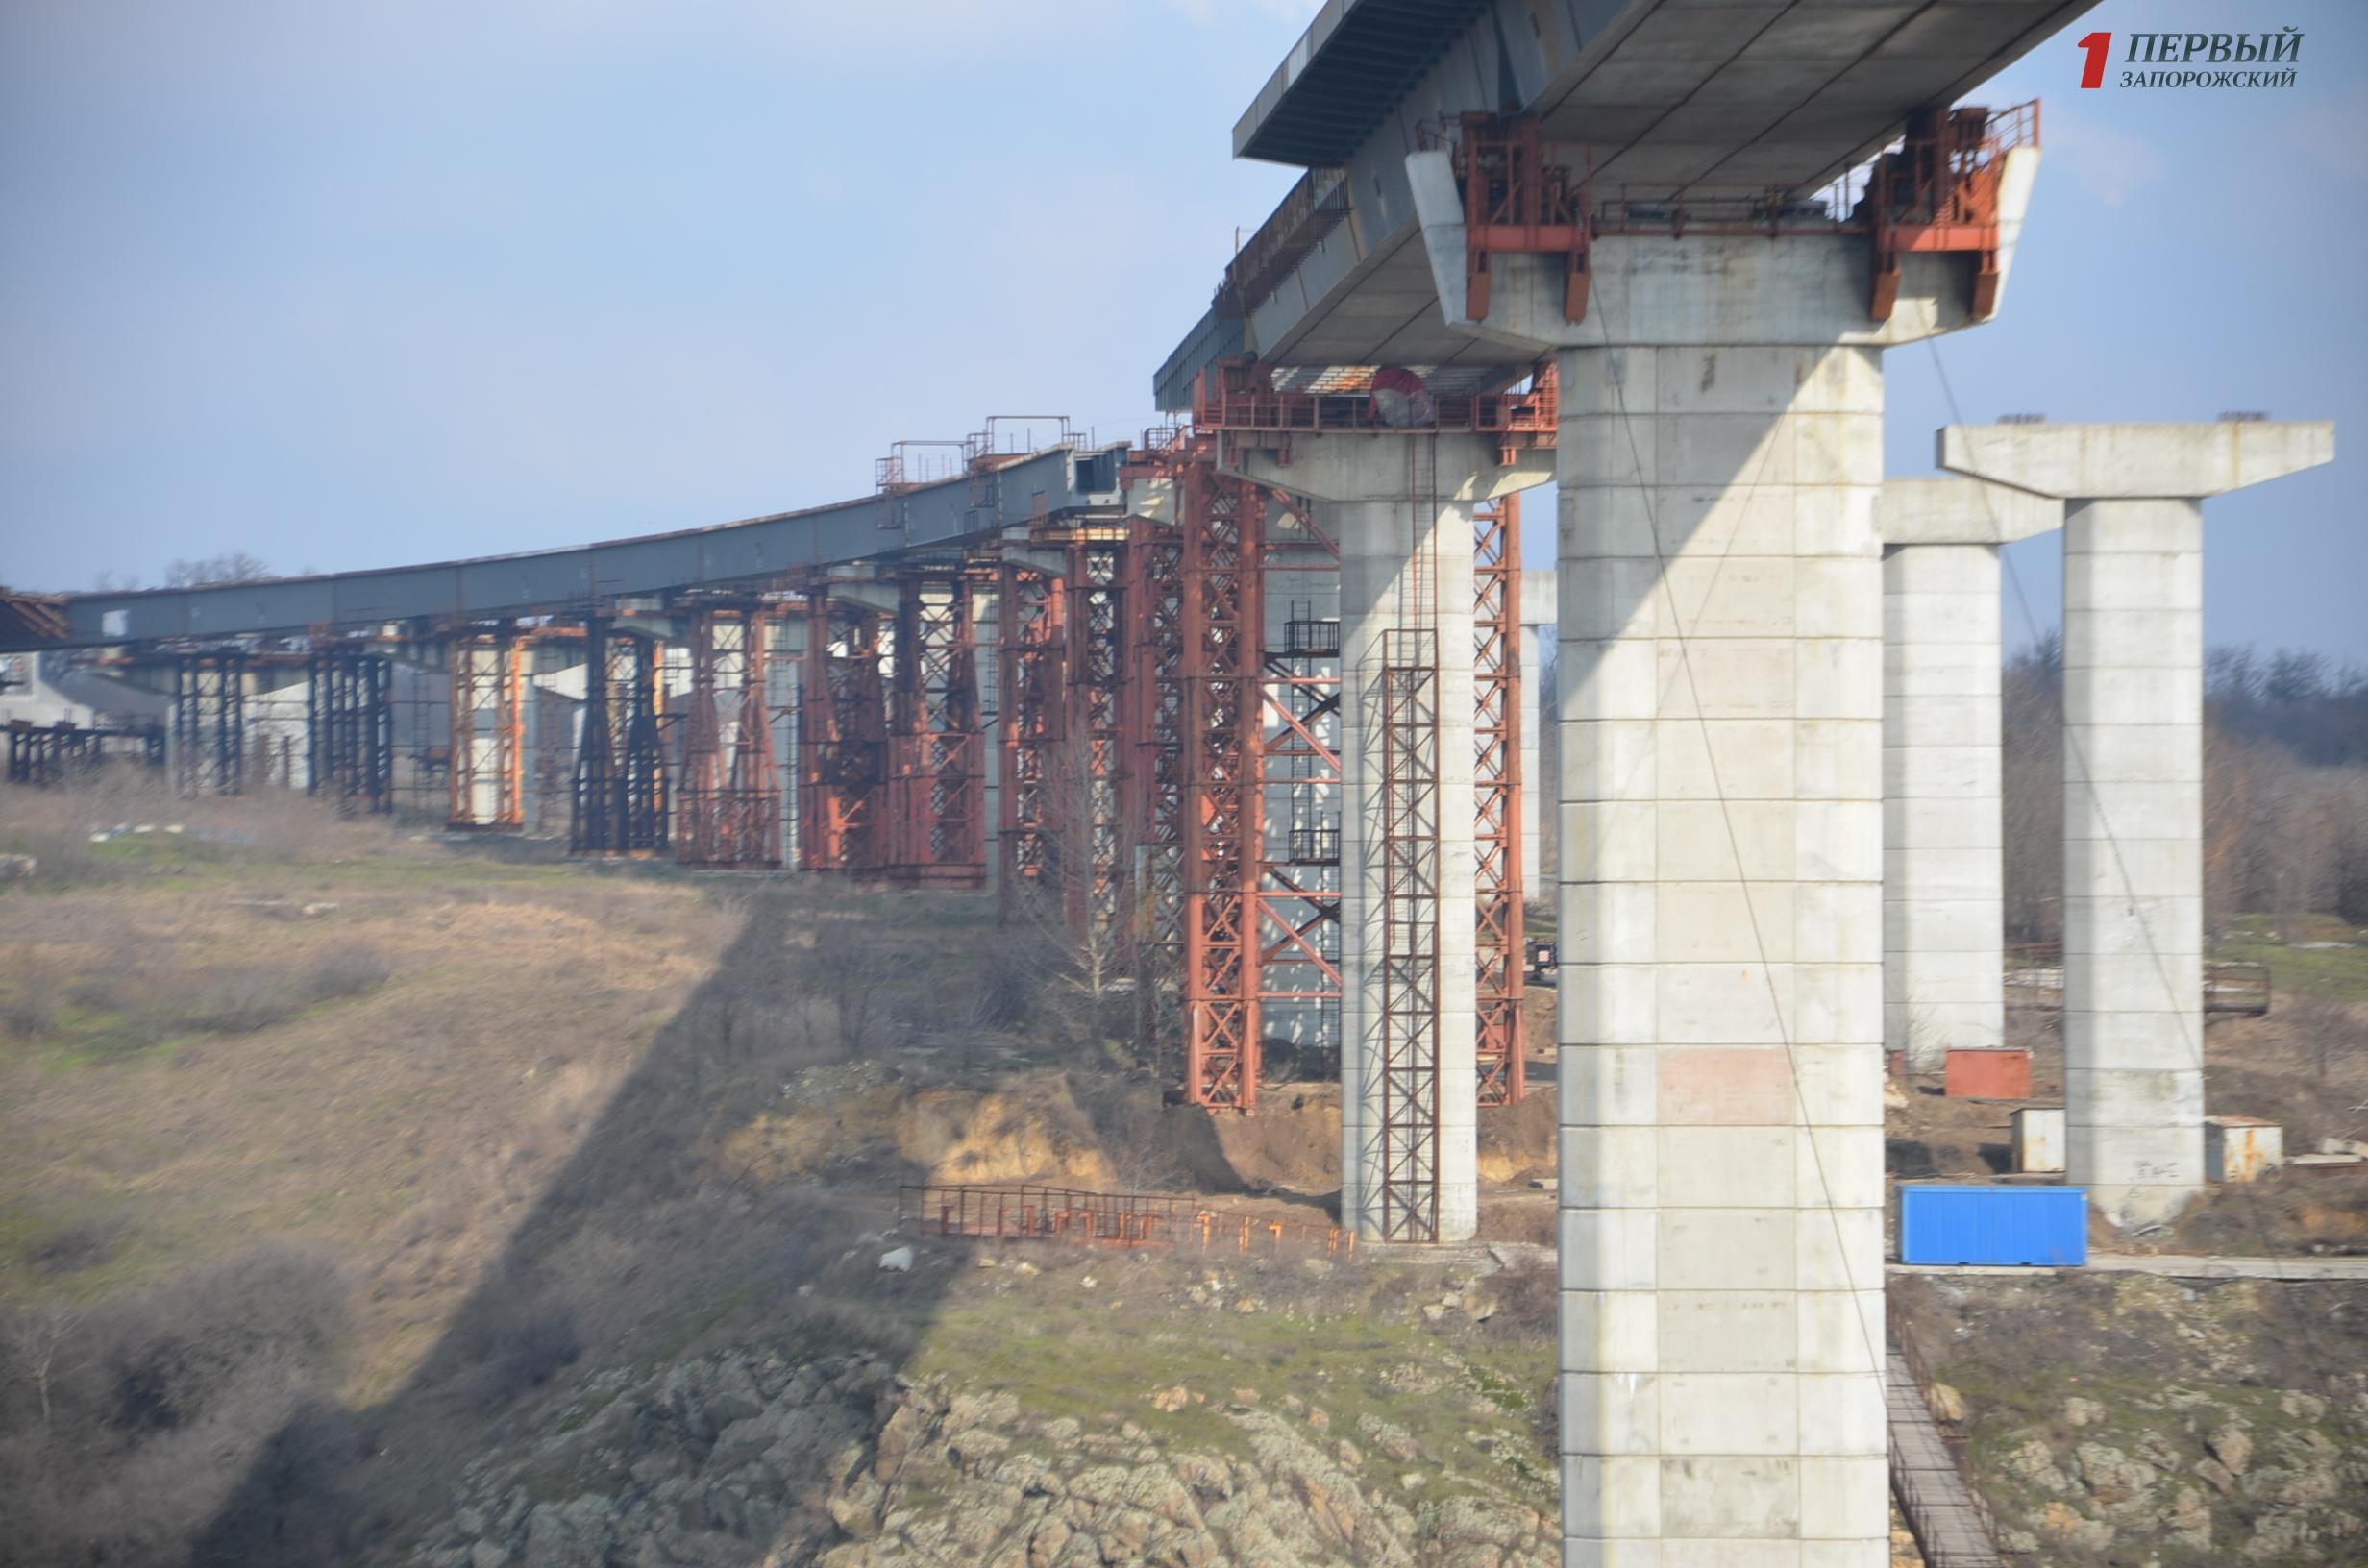 На завершение строительства запорожских мостов-недостроев понадобиться еще 5,4 миллиарда гривен